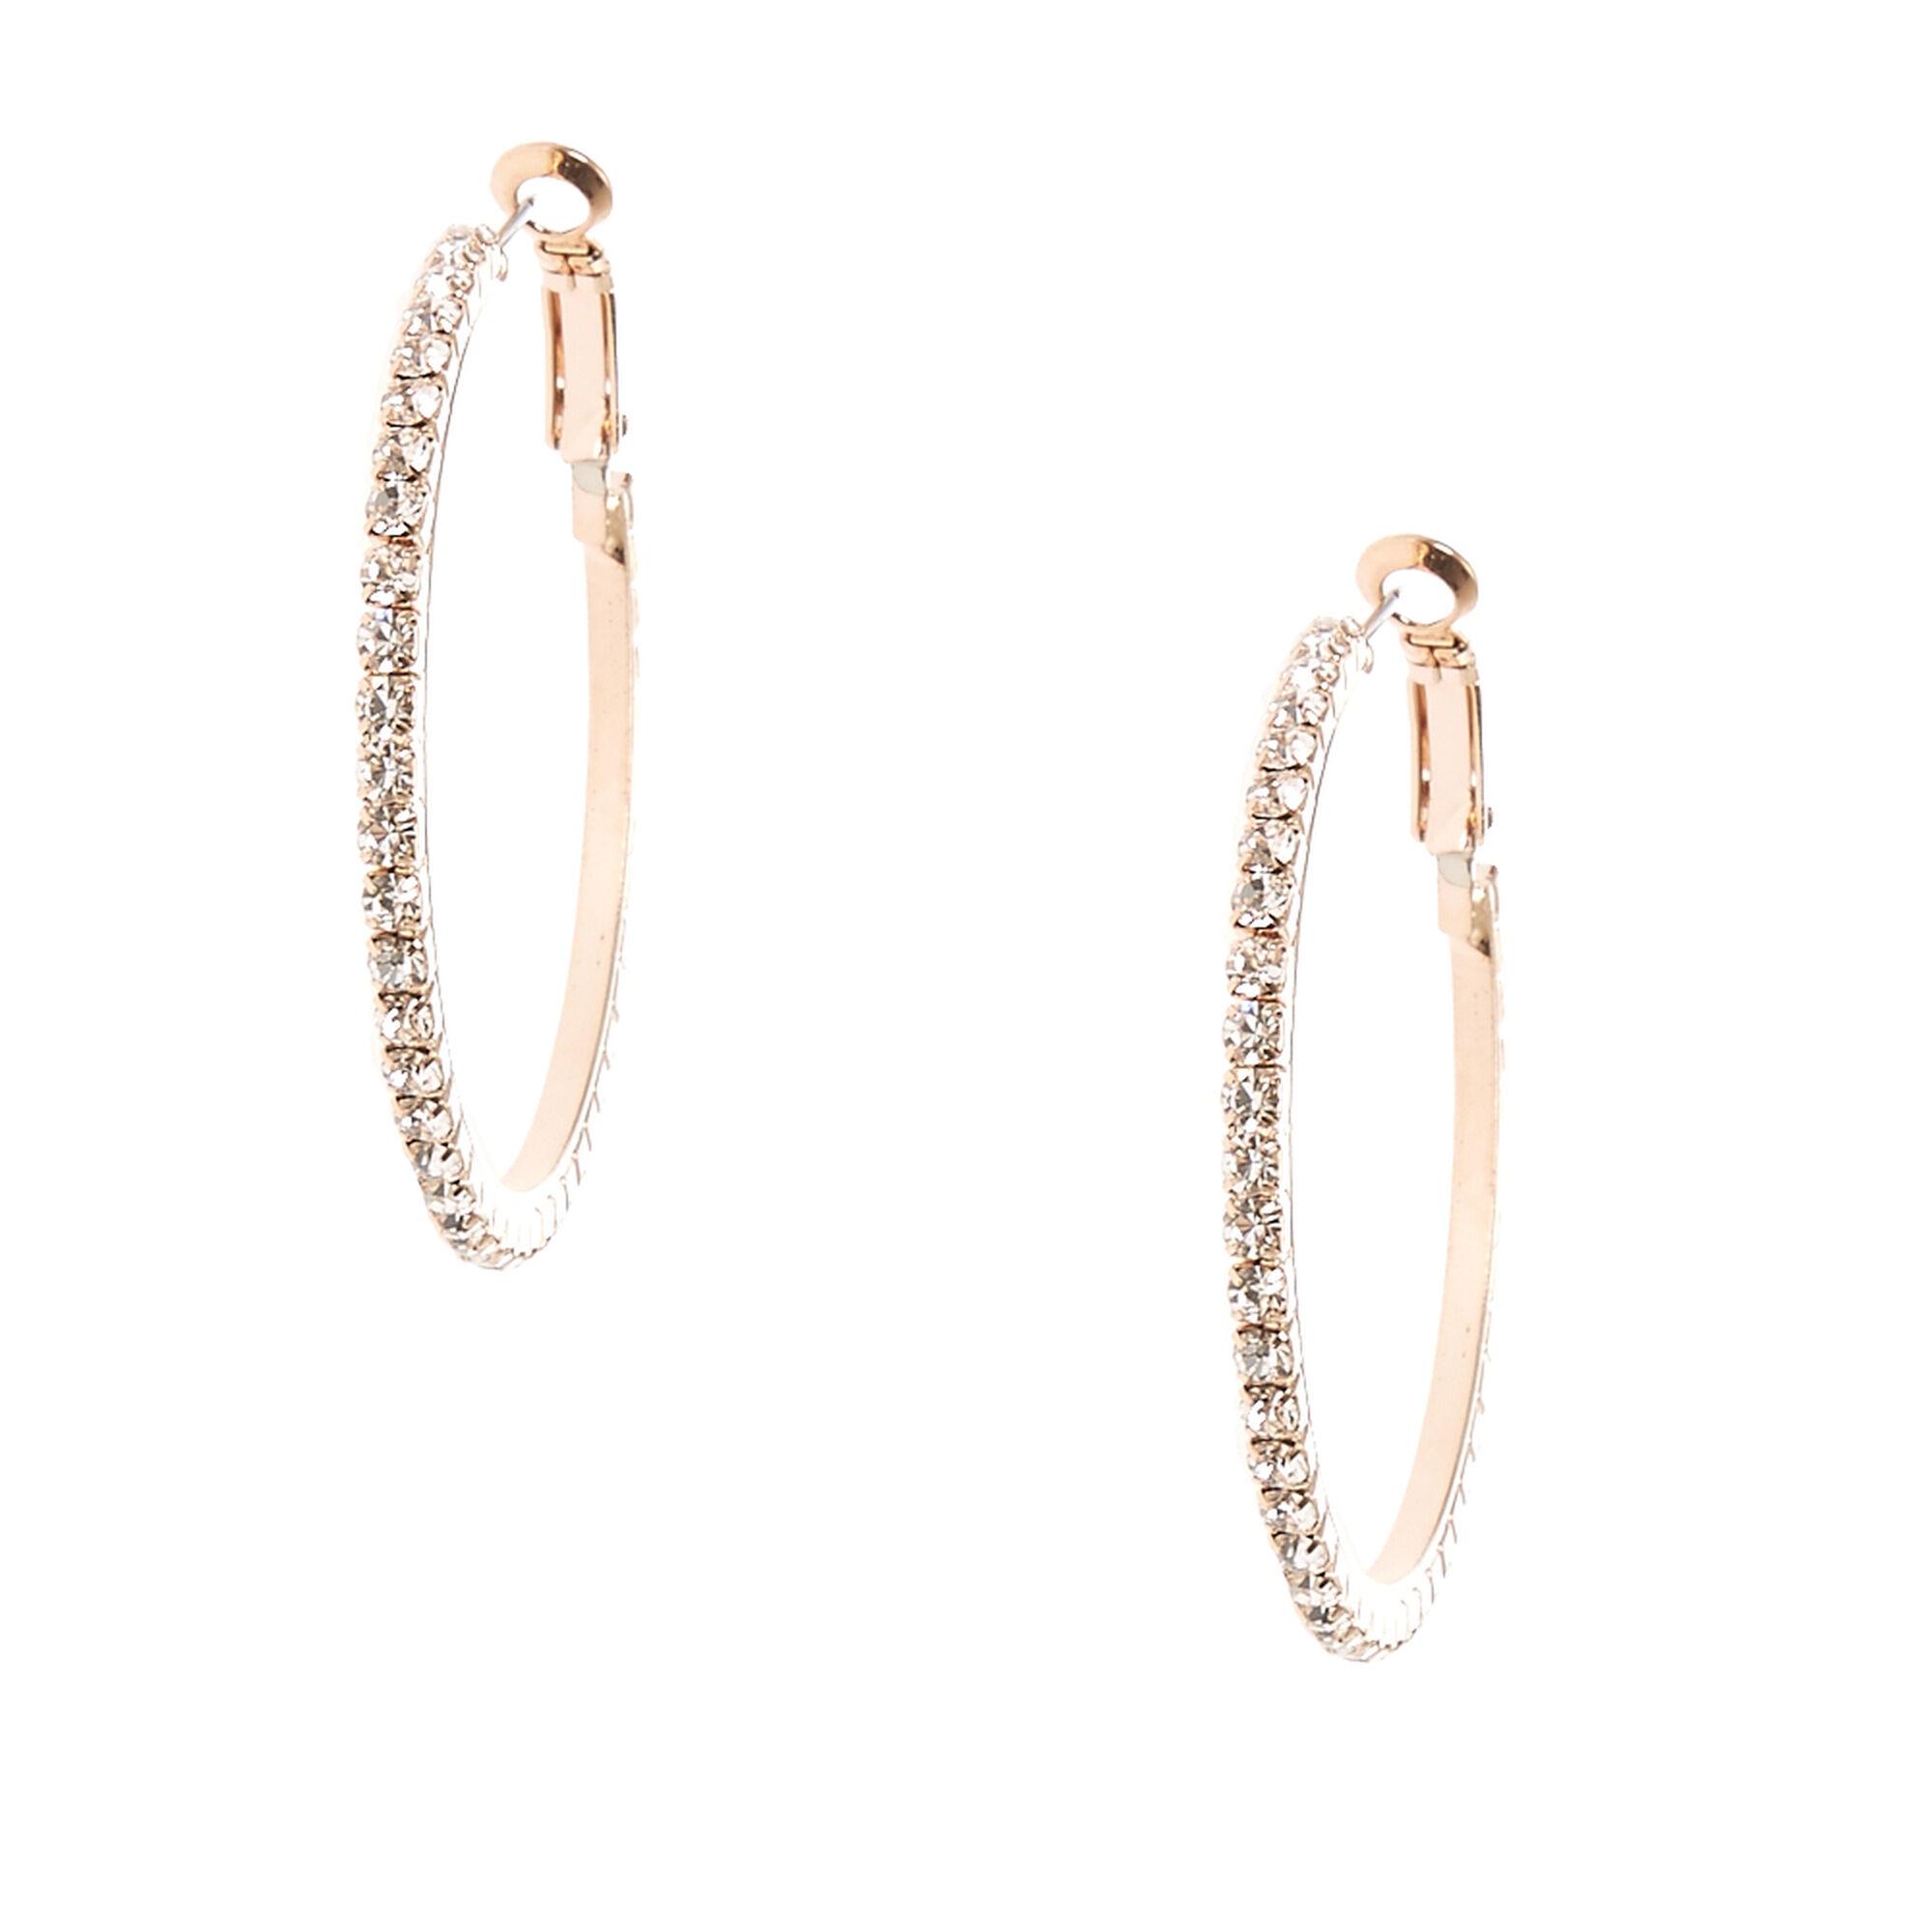 Crystal Lined Rose Gold Tone Hoop Earrings